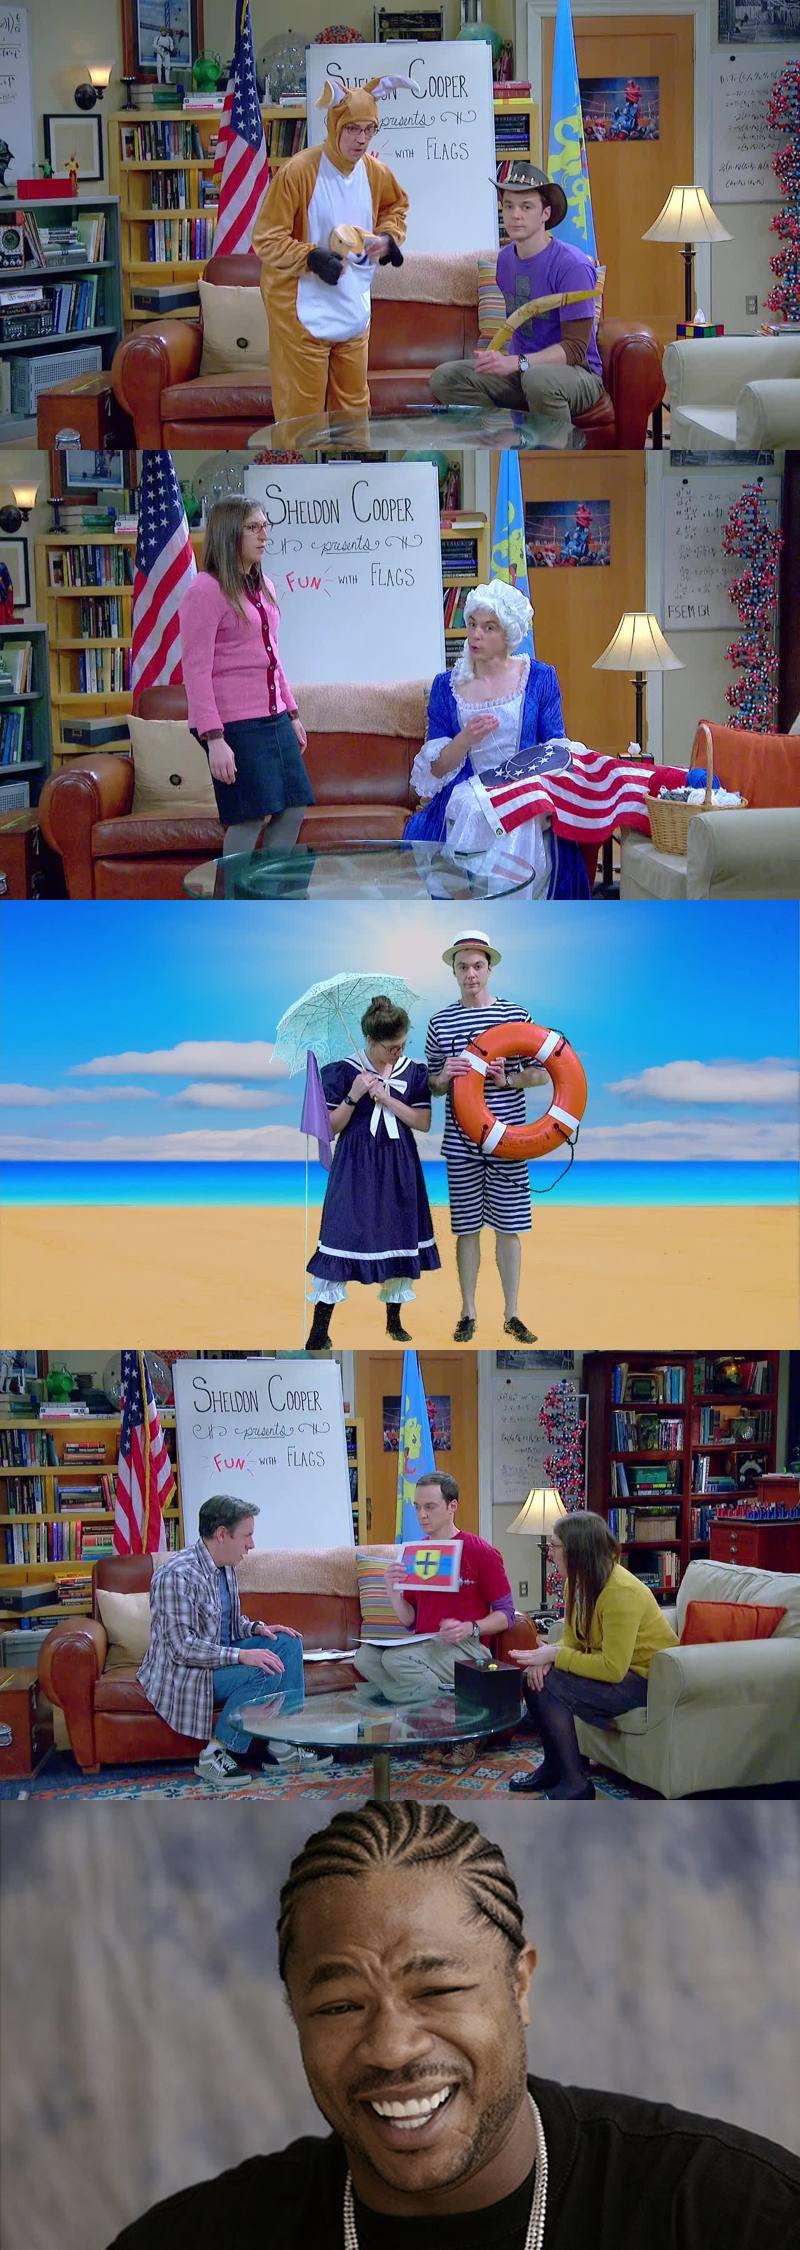 Diversão com bandeiras♥ kkkkk